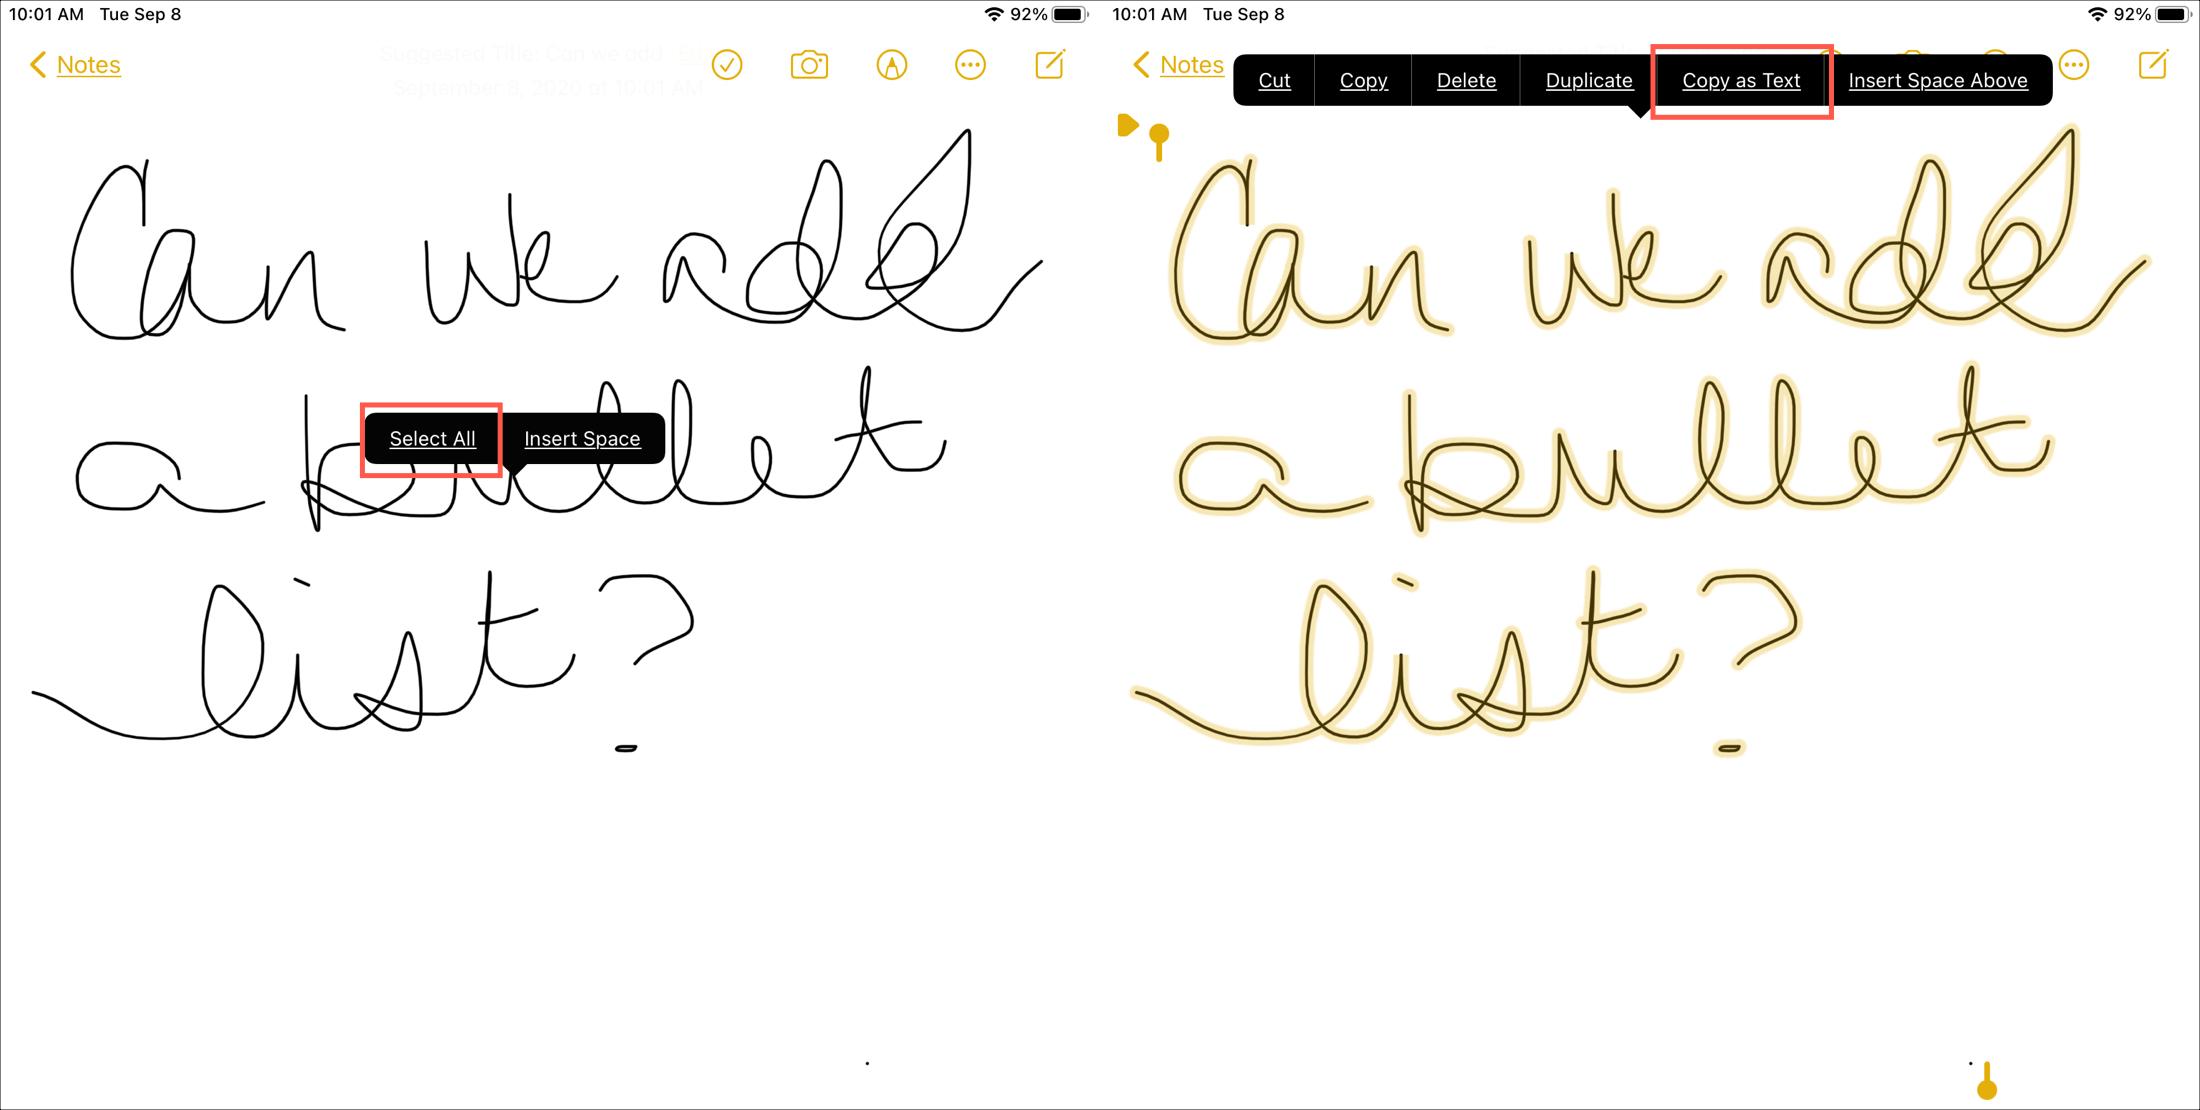 iPadOS 14 Notes Copy as Text